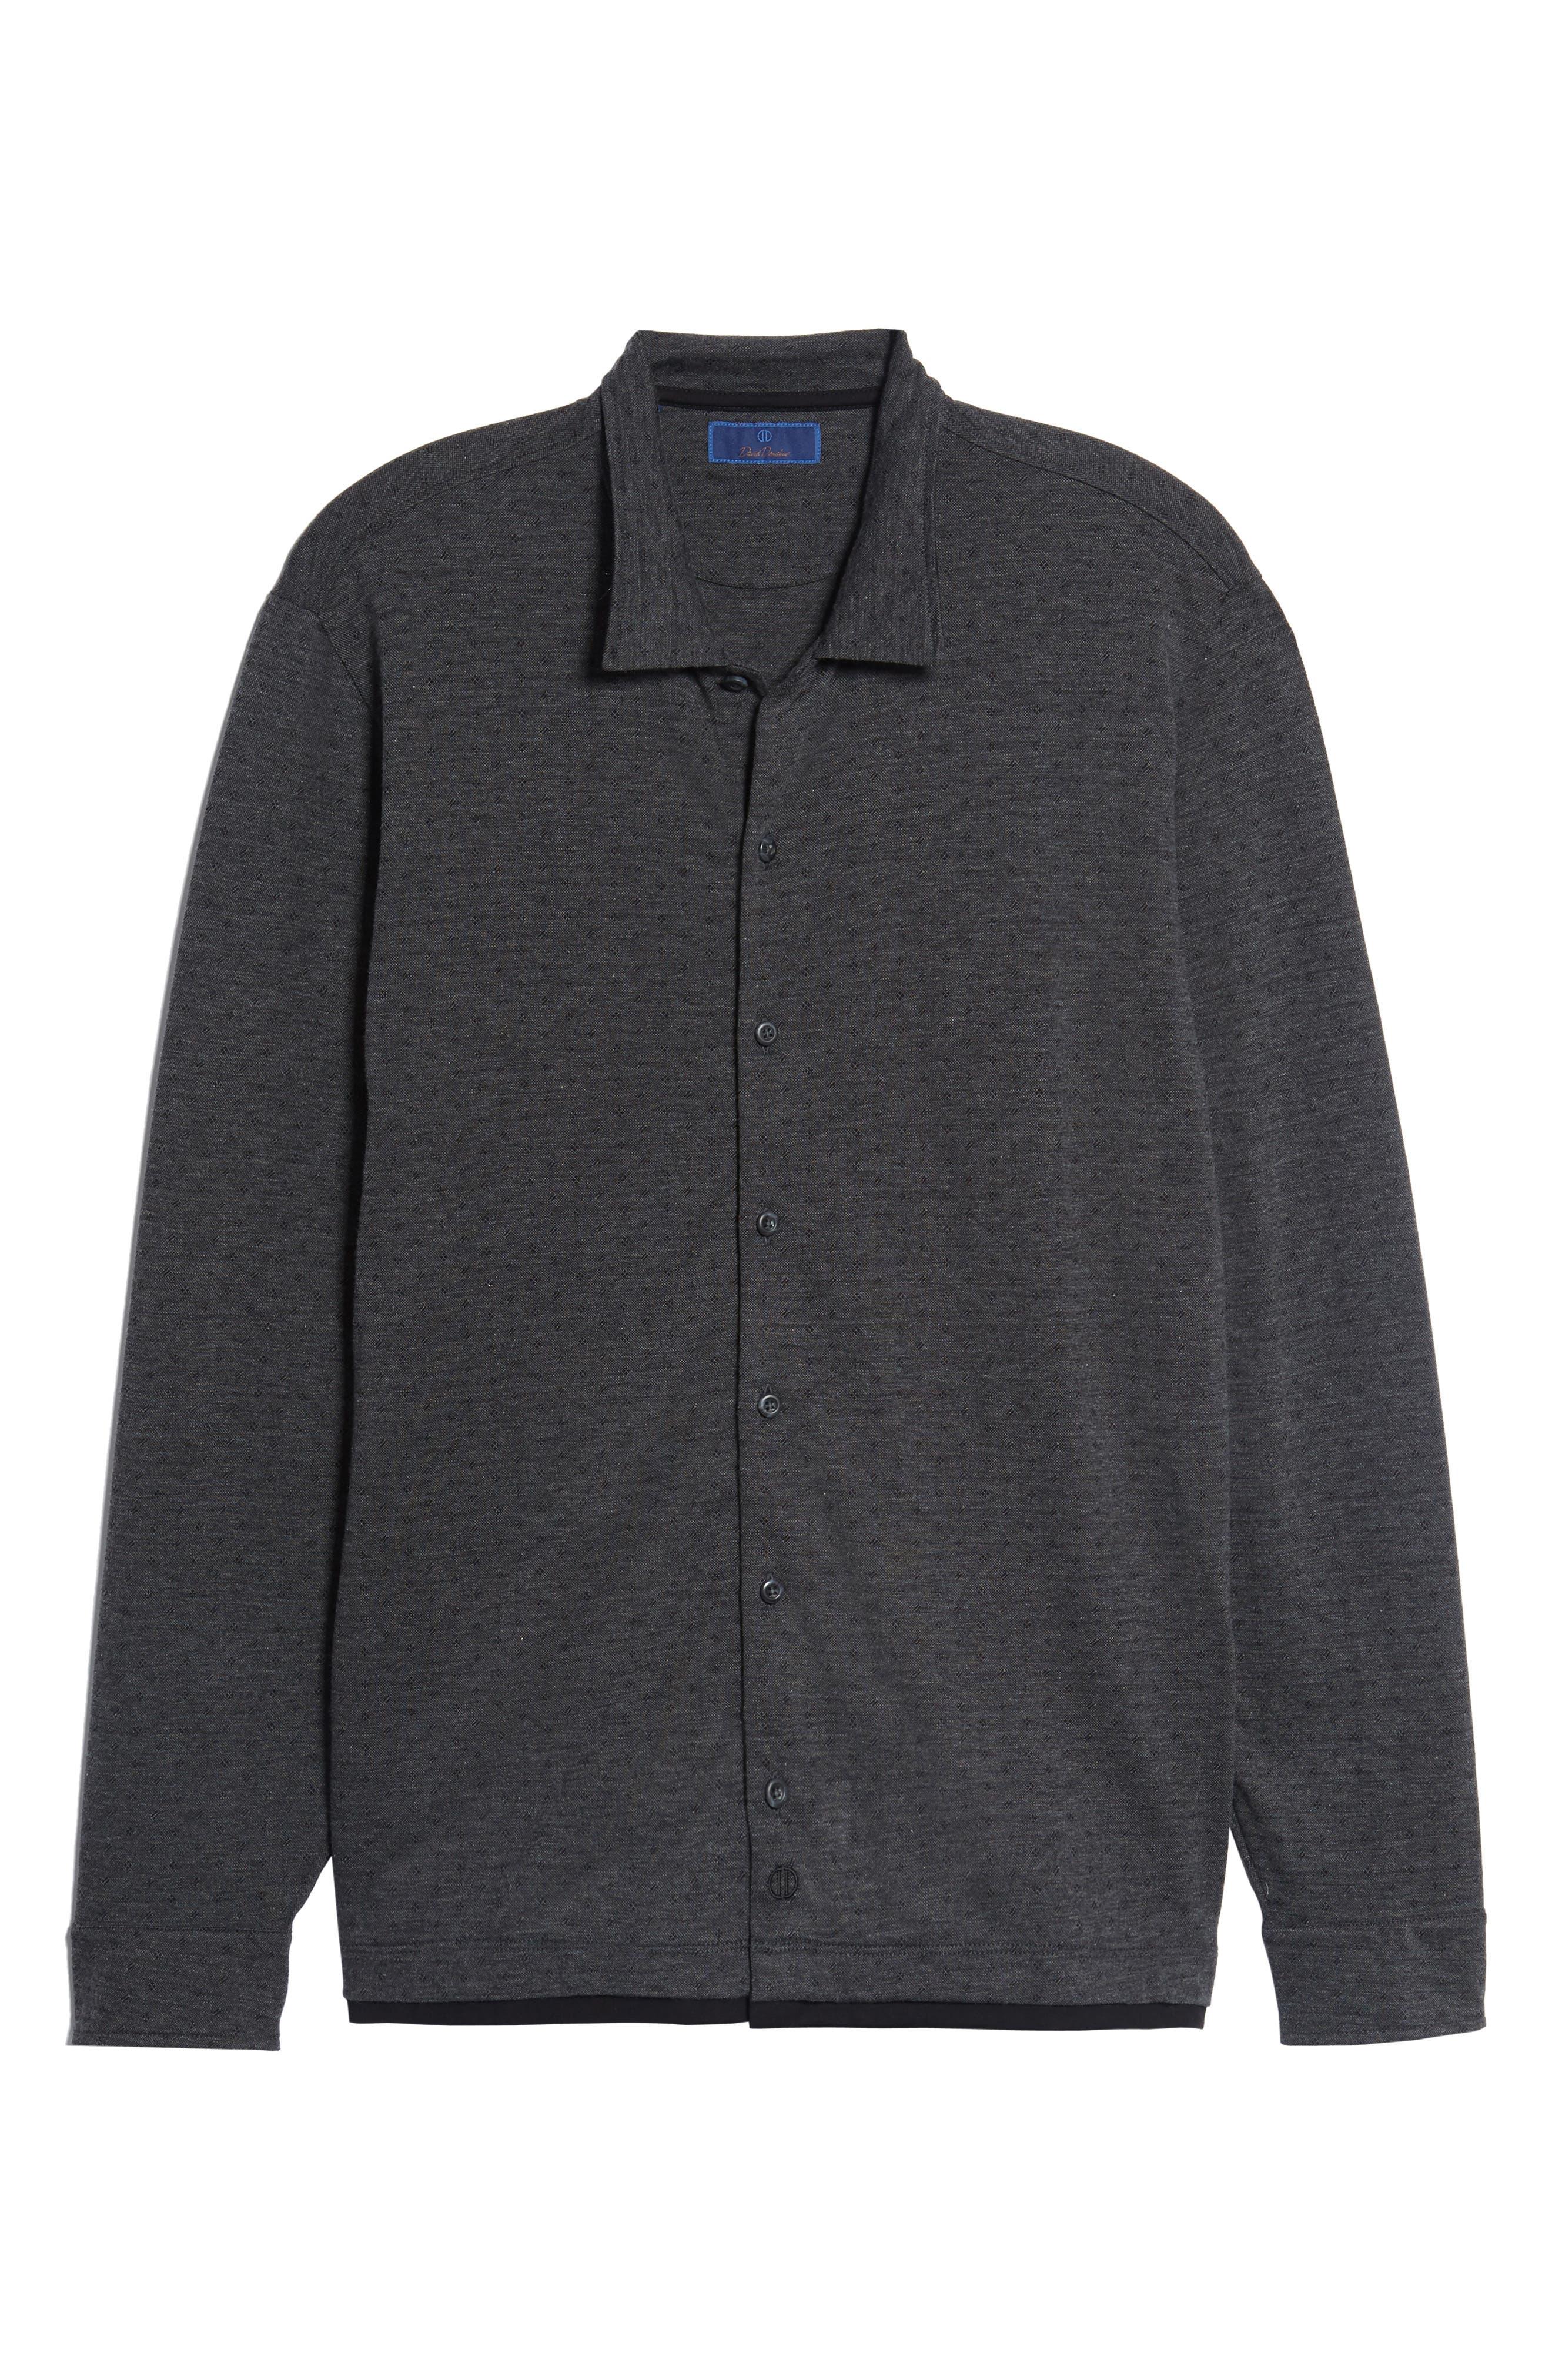 Jacquard Knit Sport Shirt,                             Alternate thumbnail 21, color,